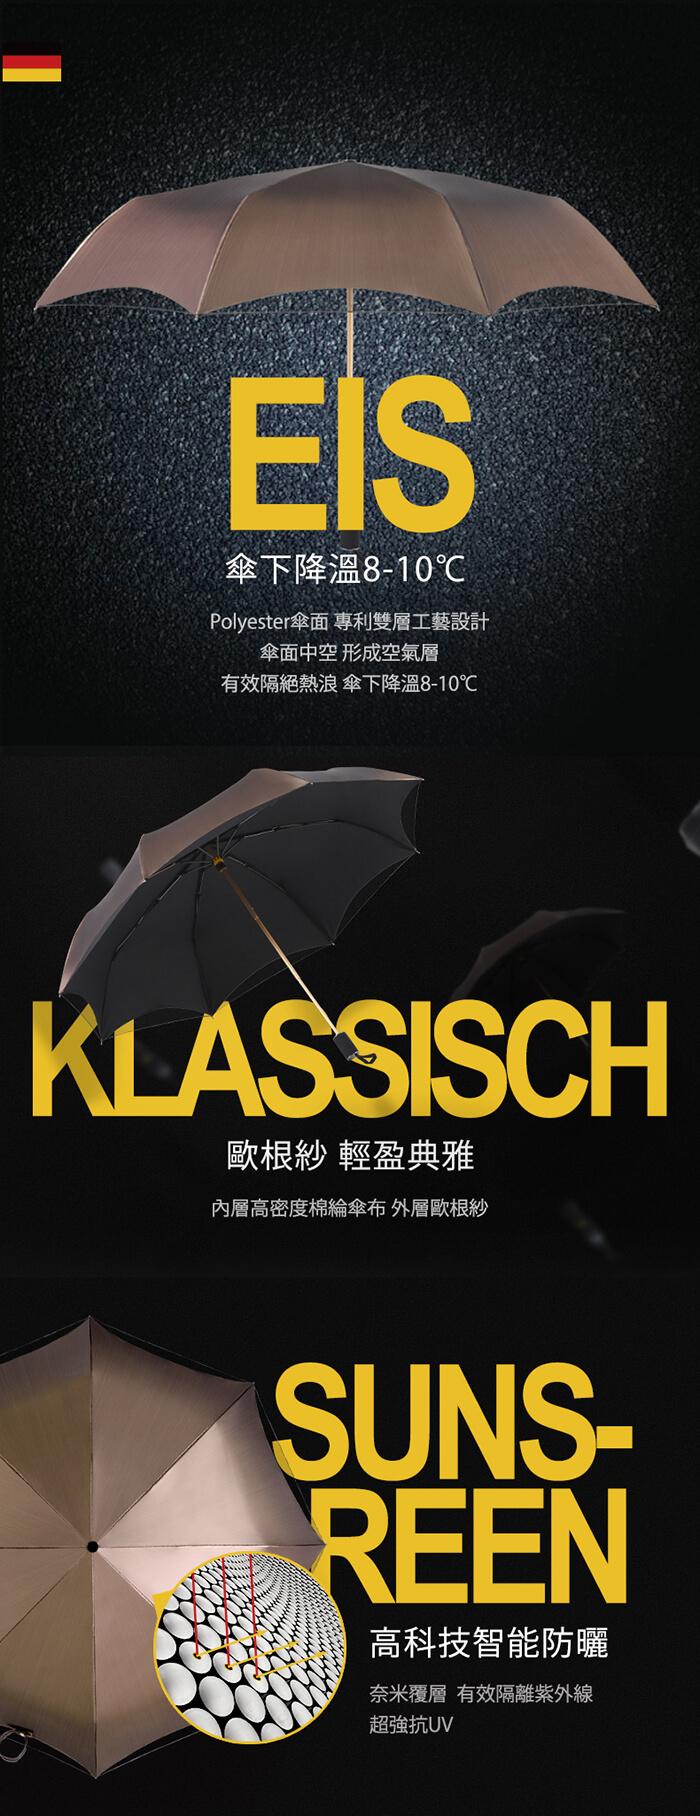 (複製)德國kobold|抗UV零透光智能防曬-經典歐根紗遮陽防曬降溫傘 -雙層三折傘-玫瑰金